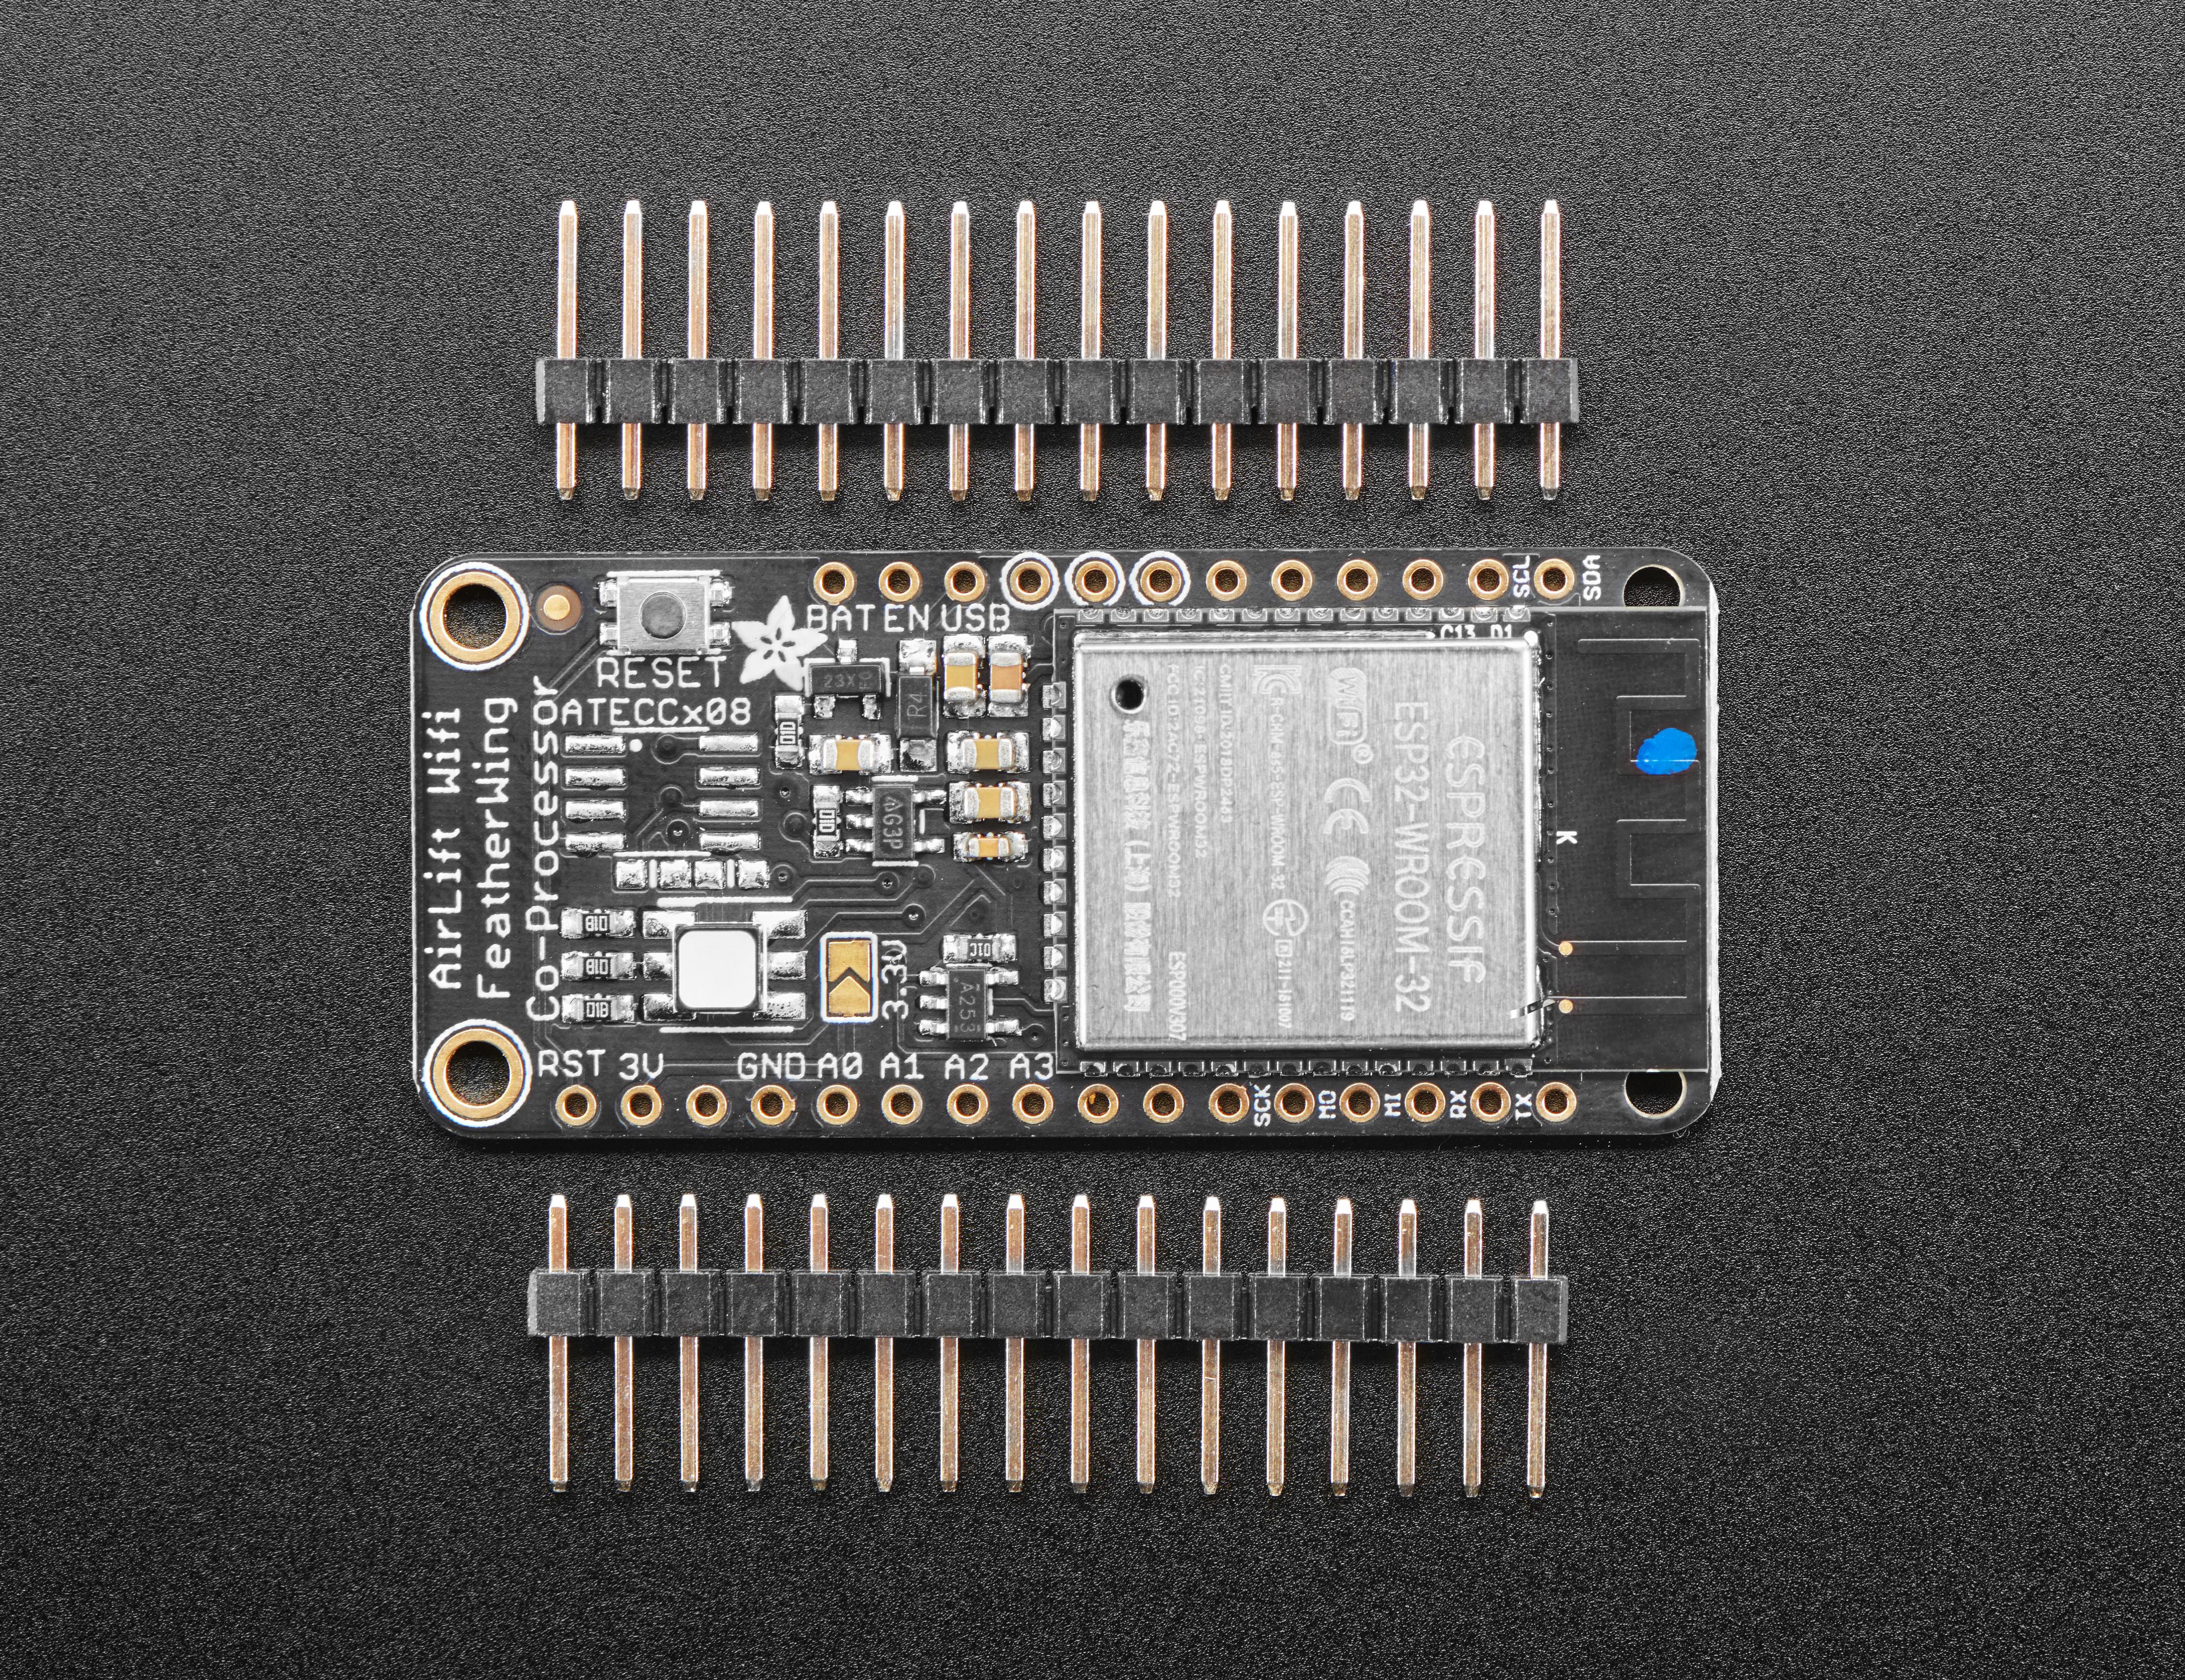 adafruit_products_4264_kit_ORIG_2019_05.jpg